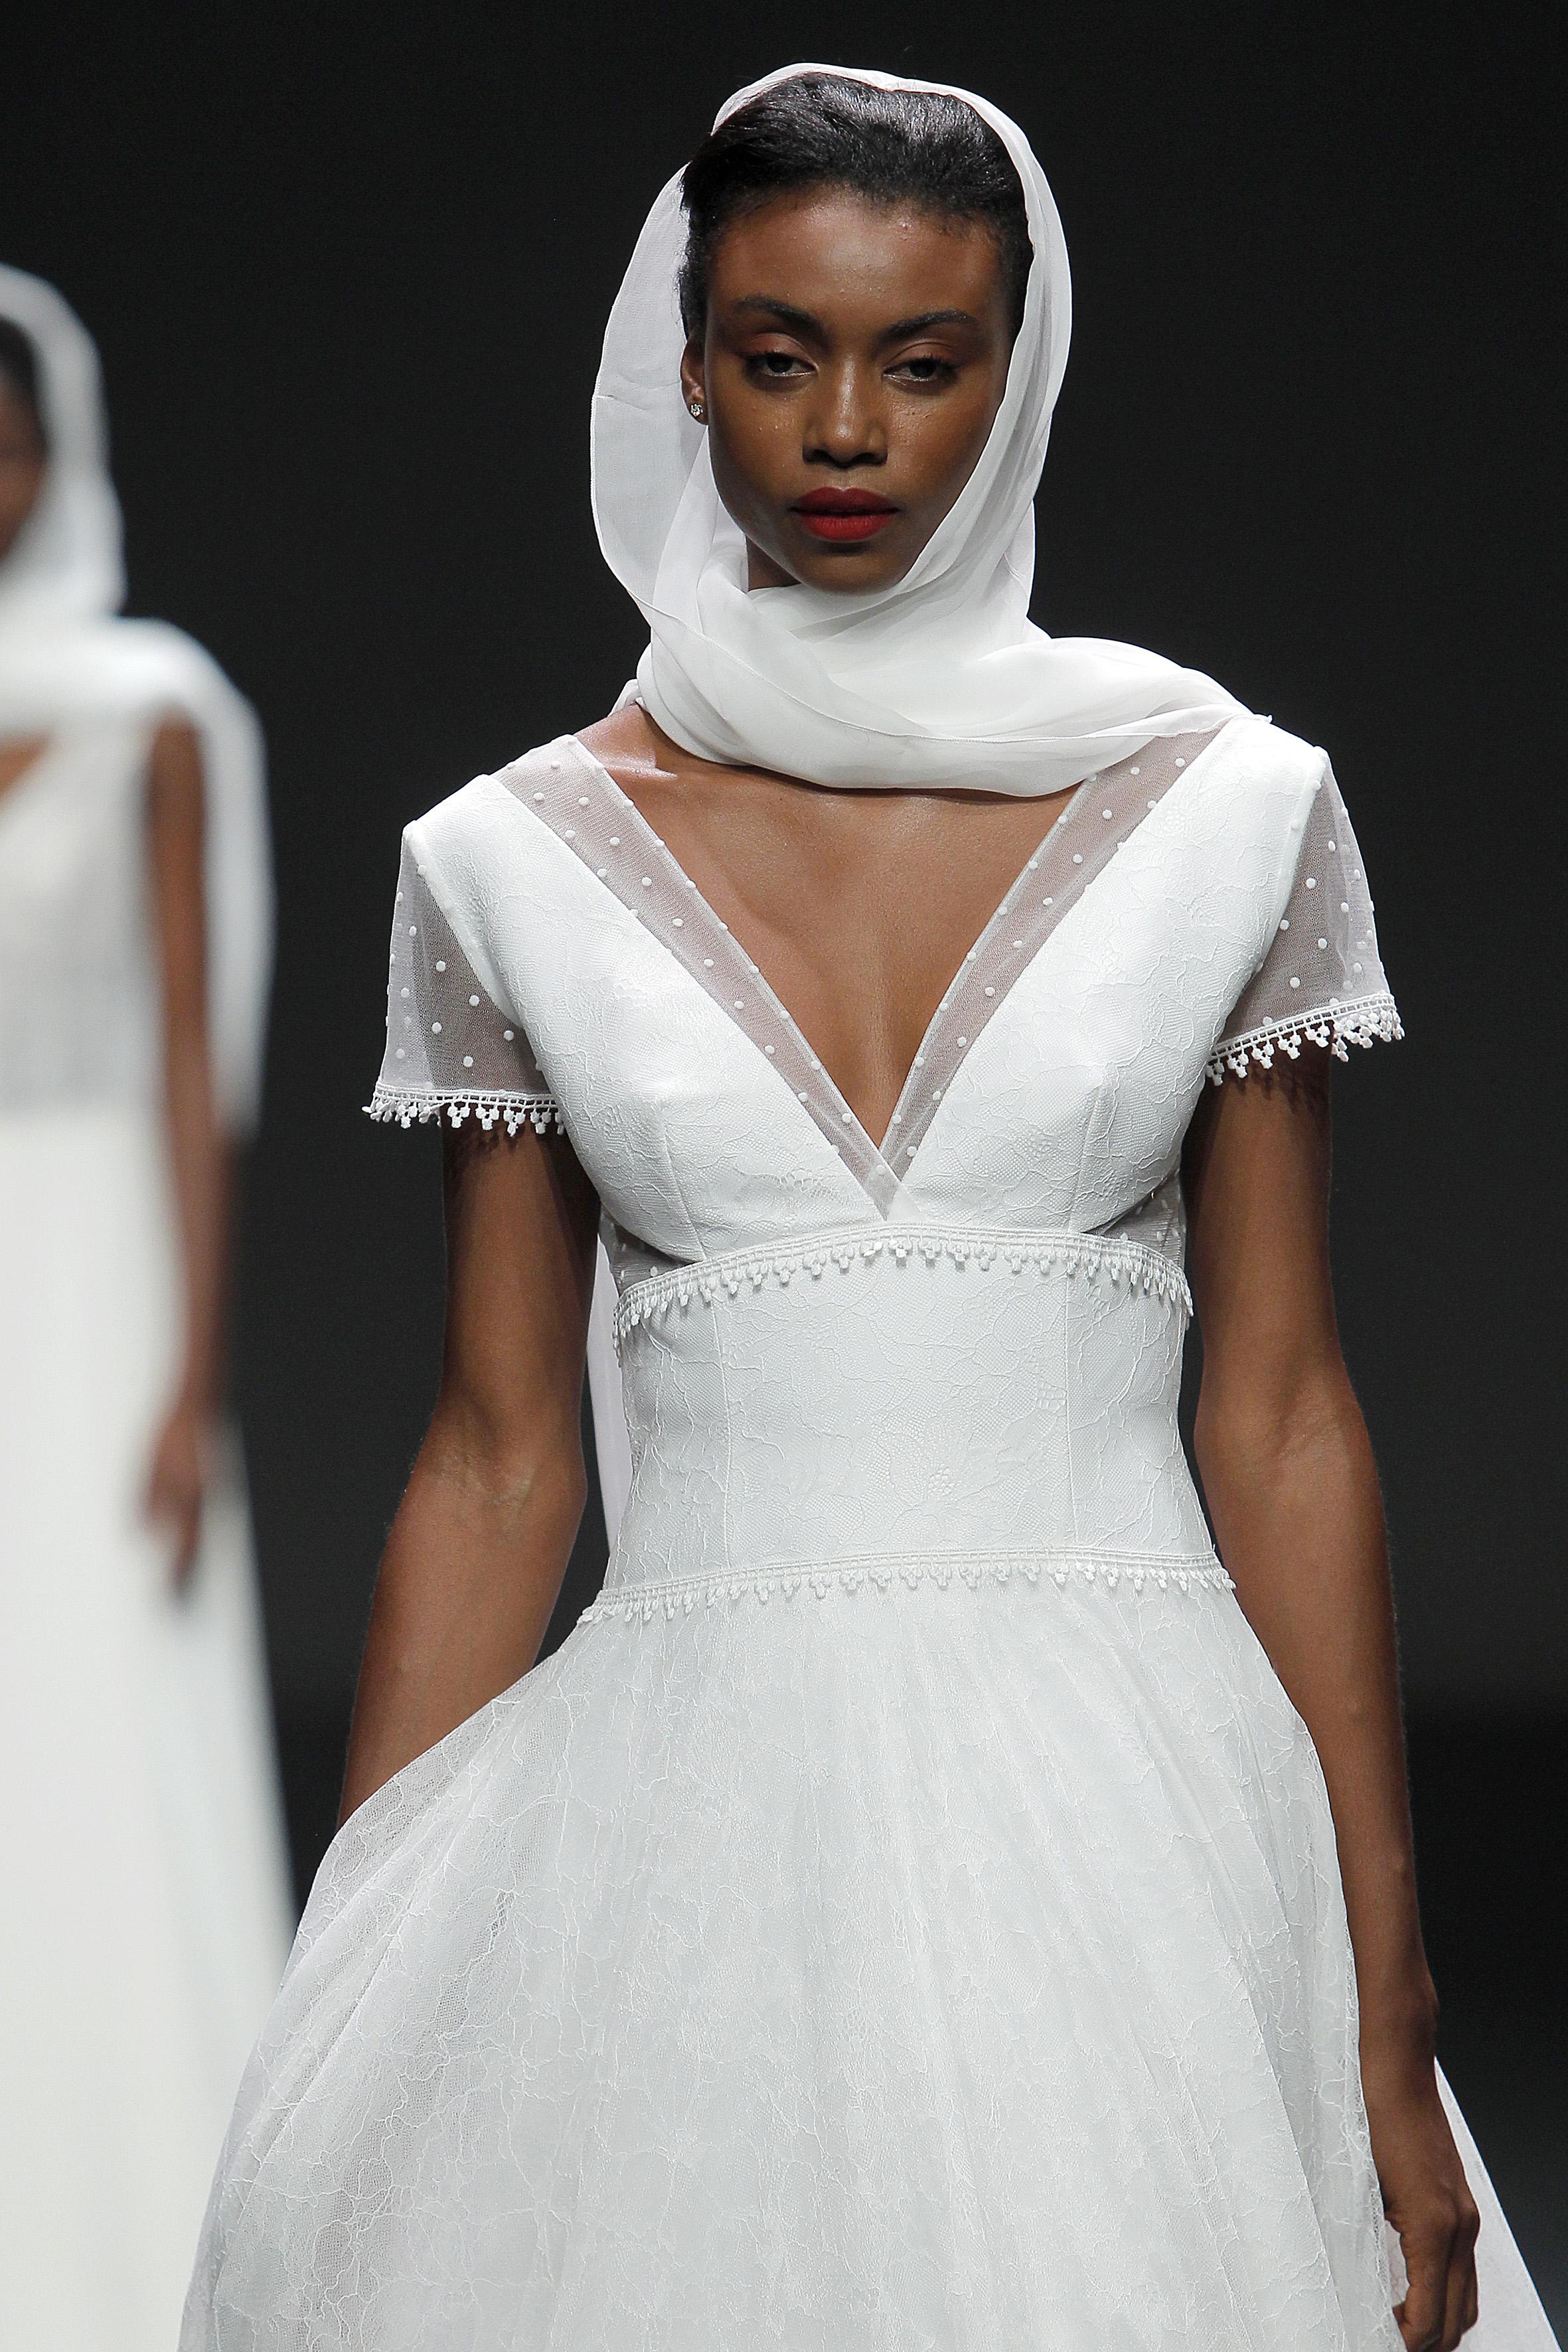 Desfile de Cymbeline Paris Couture en VBBFW20 experience Primavera Veranone_022.jpg